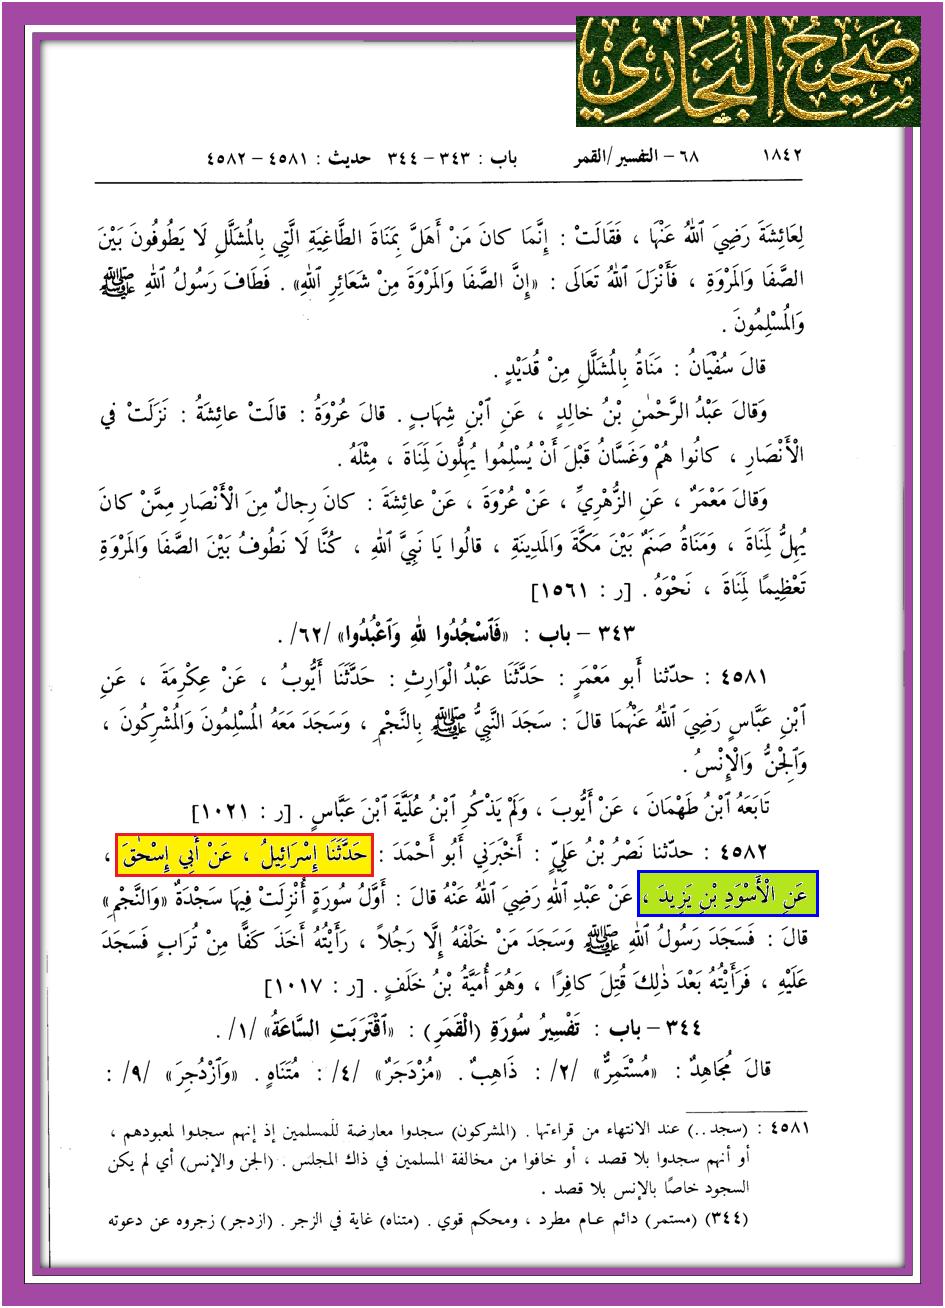 مدونة ابن النجف Ibenalnajaf الشيخ الألباني يسقط صحيح